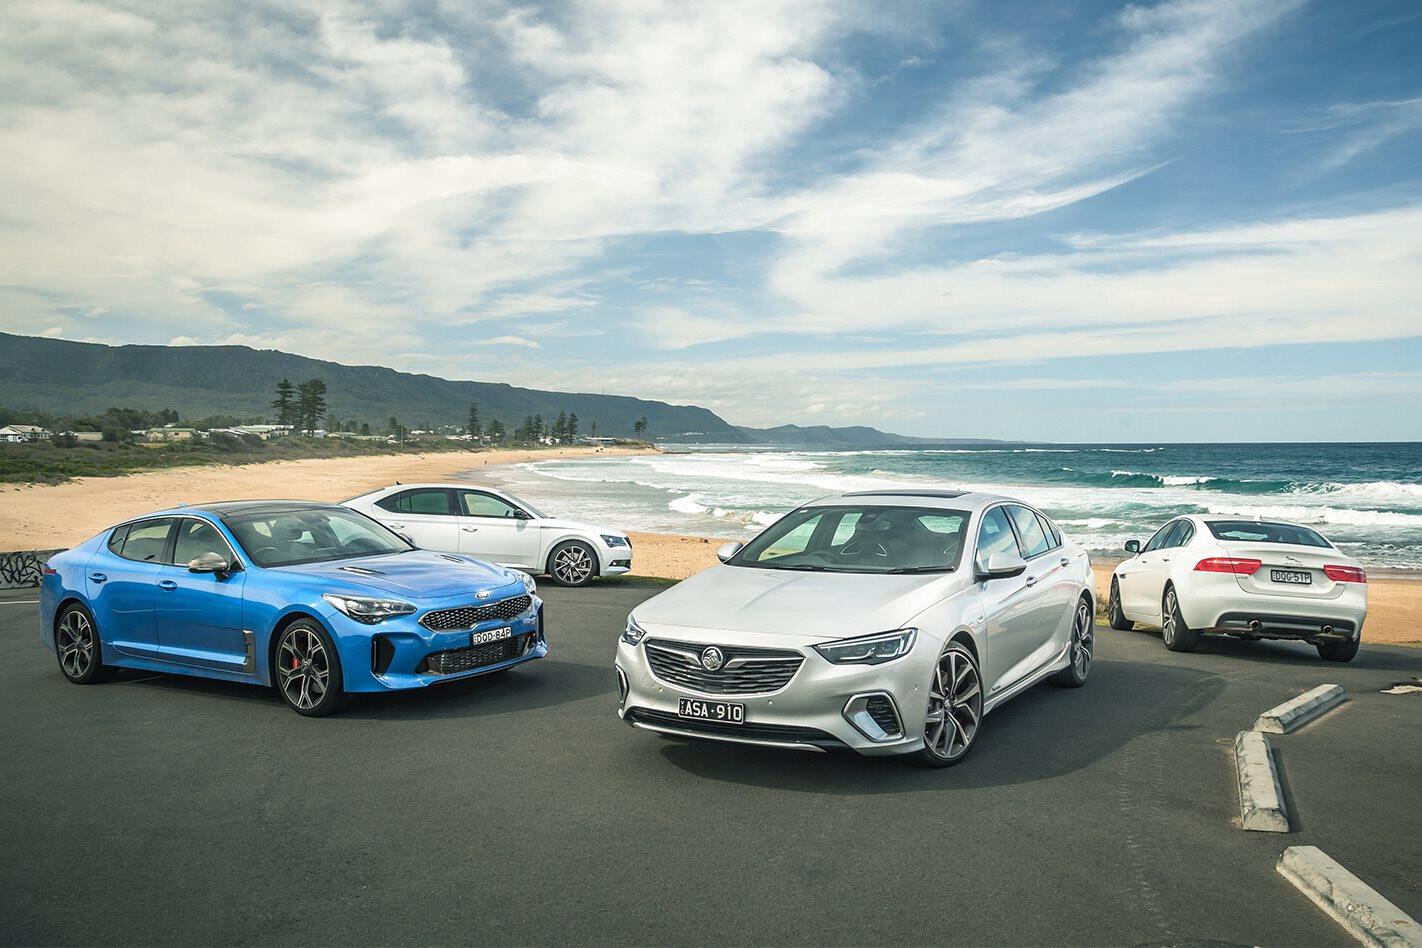 Holden Commodore VXR v Kia Stinger GT v Jaguar XE 25t v Skoda Superb 206 TSI comparison review